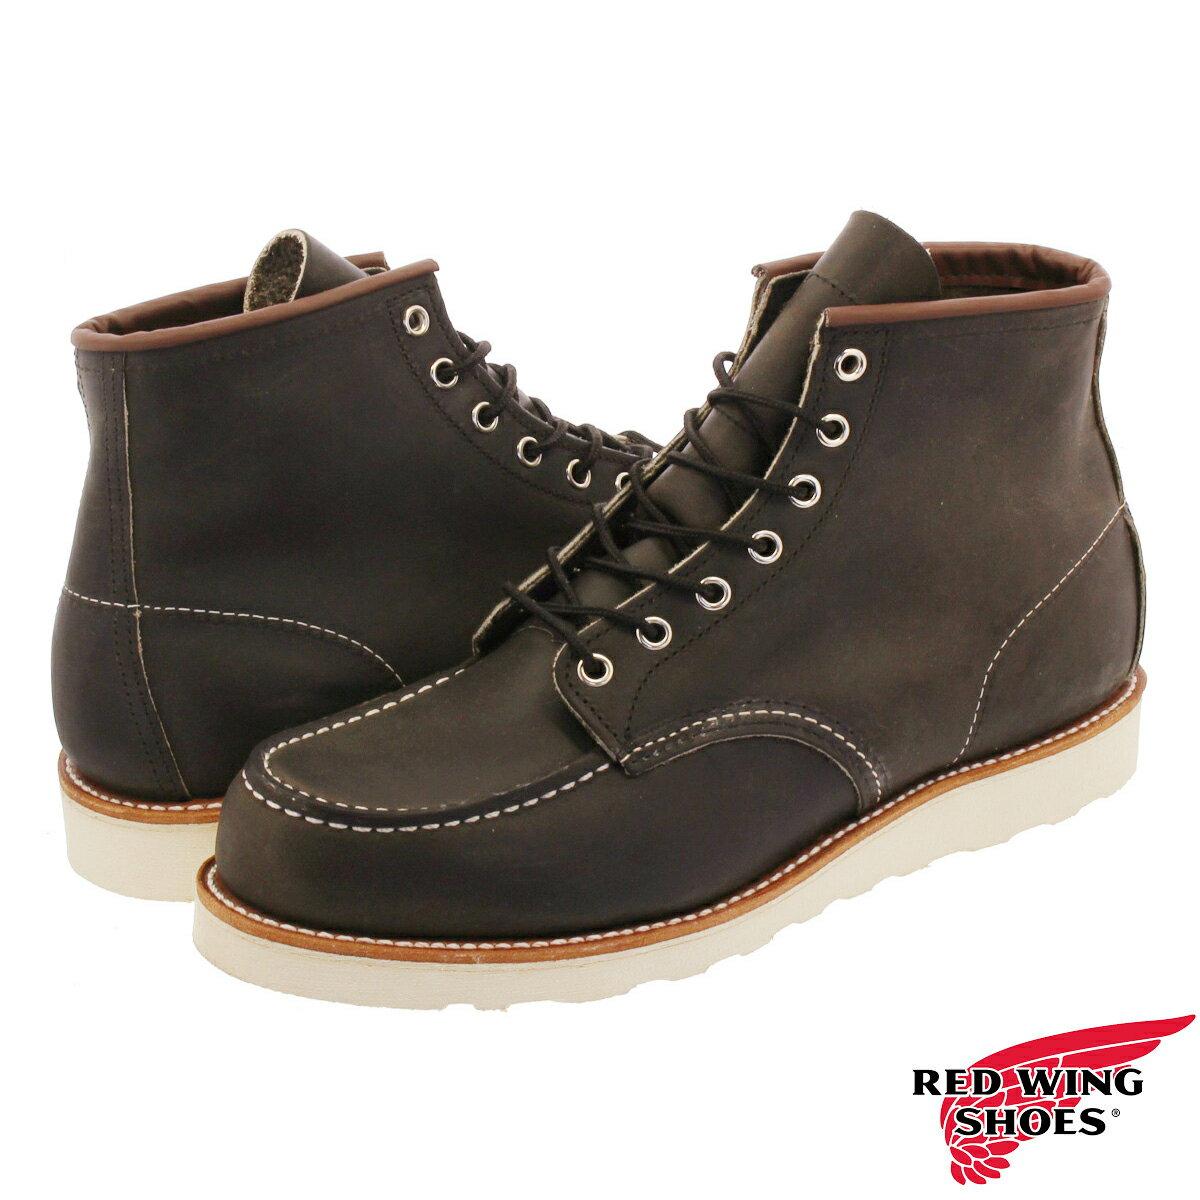 ブーツ, ワーク RED WING 6inch CLASSIC MOC TOE D 6 CHARCOAL ROUGH rw-8890